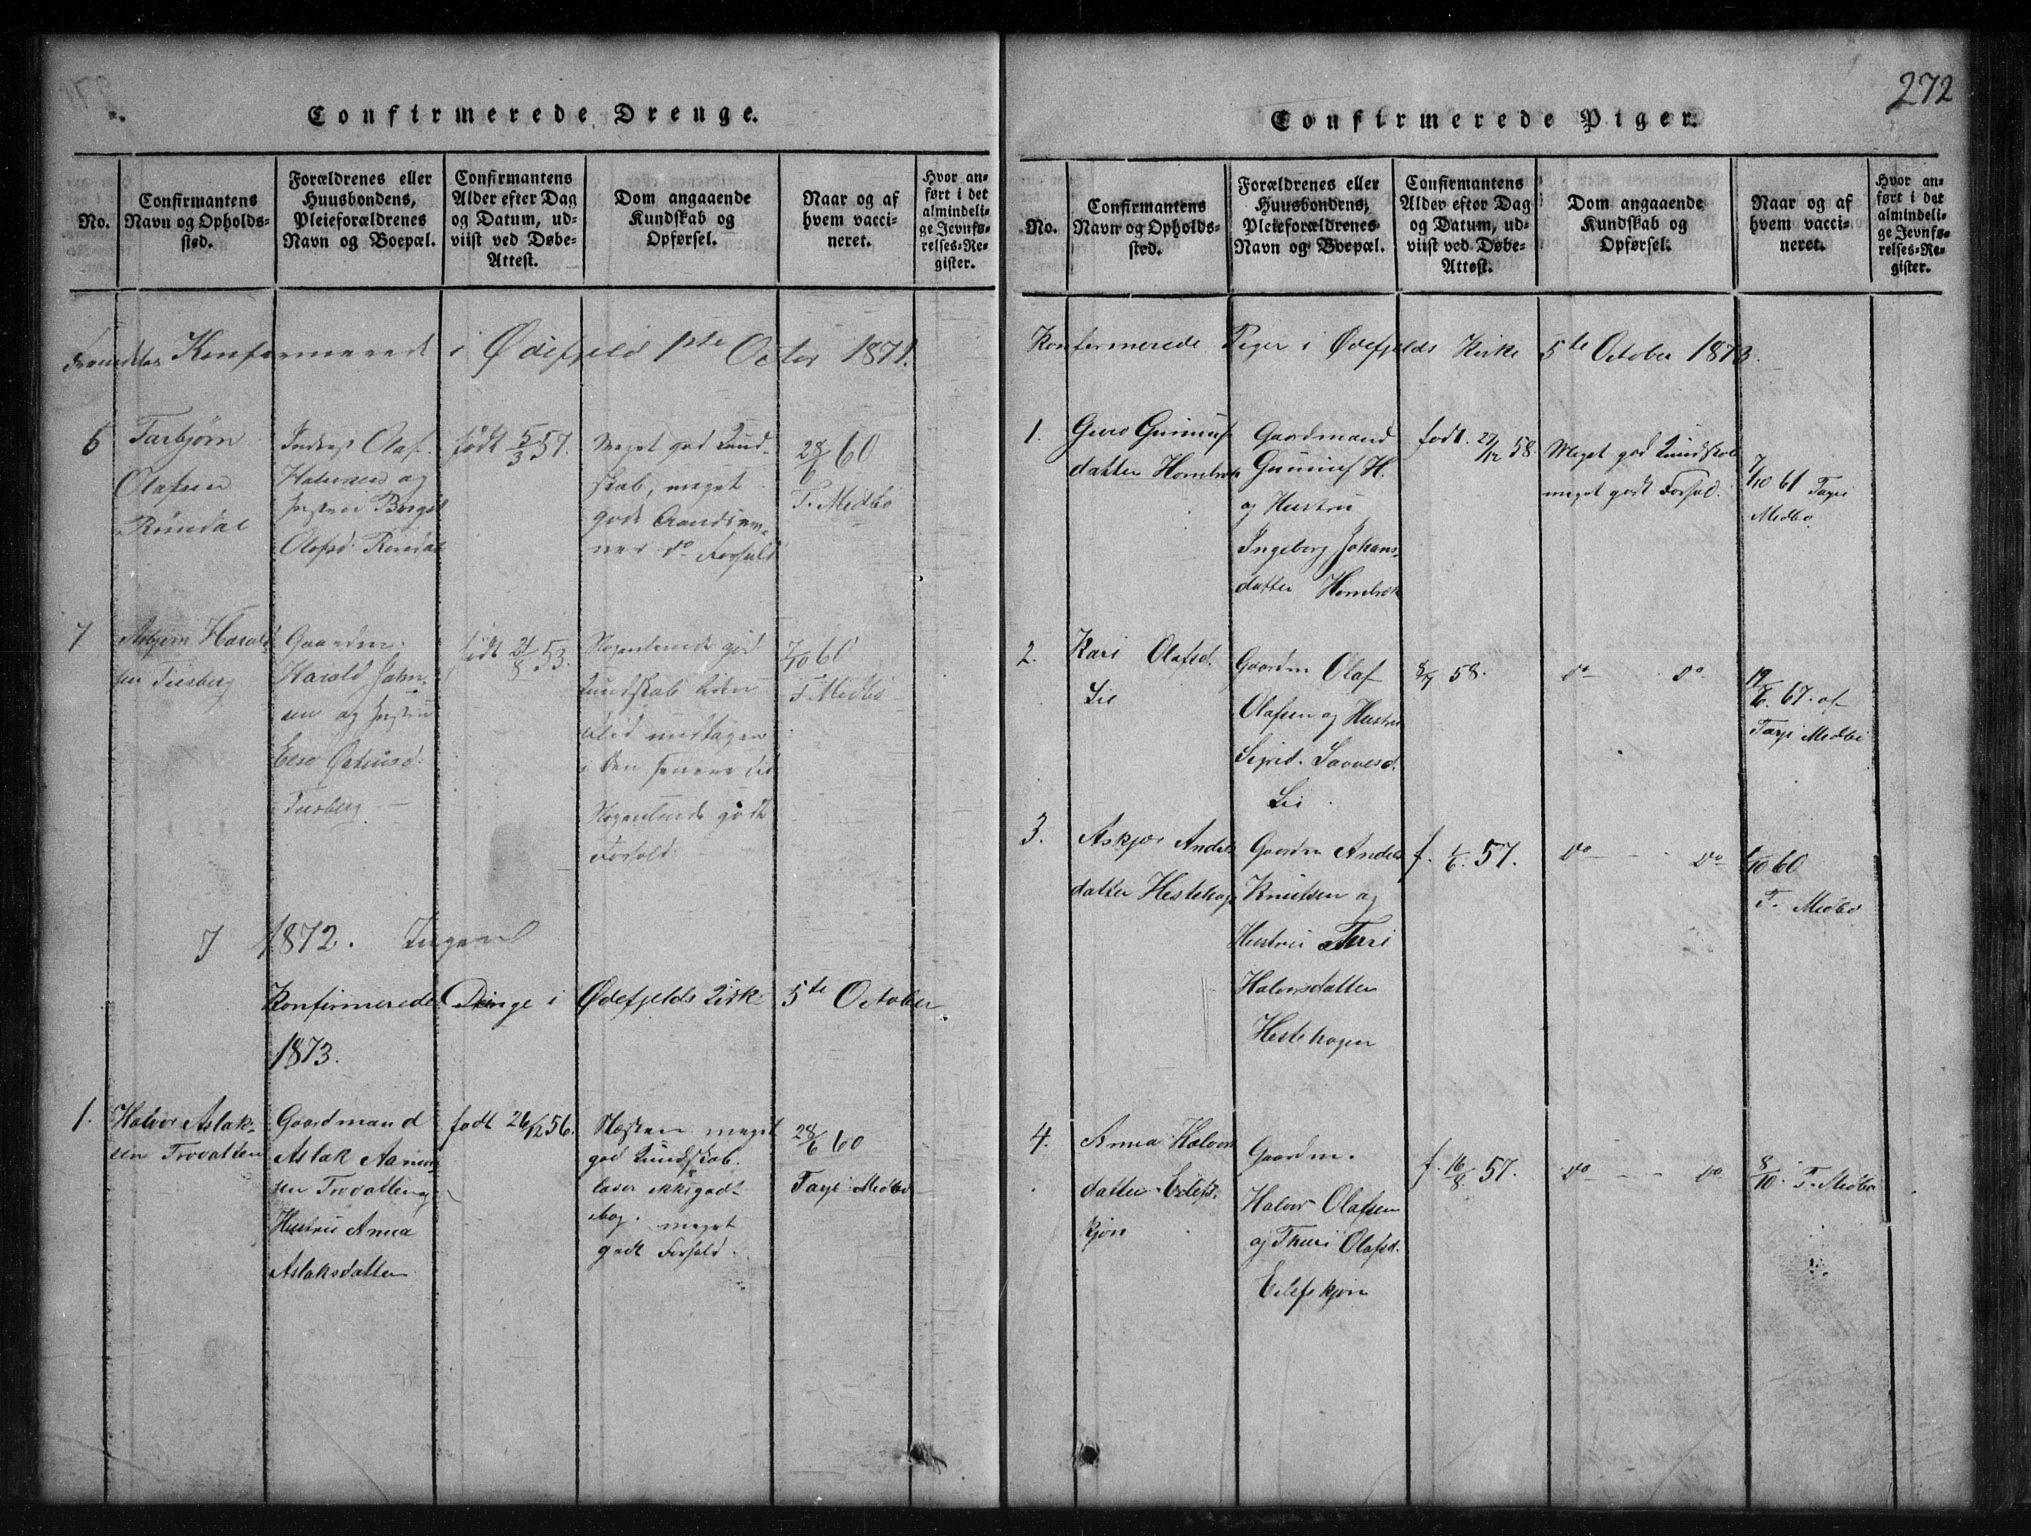 SAKO, Rauland kirkebøker, G/Gb/L0001: Klokkerbok nr. II 1, 1815-1886, s. 272